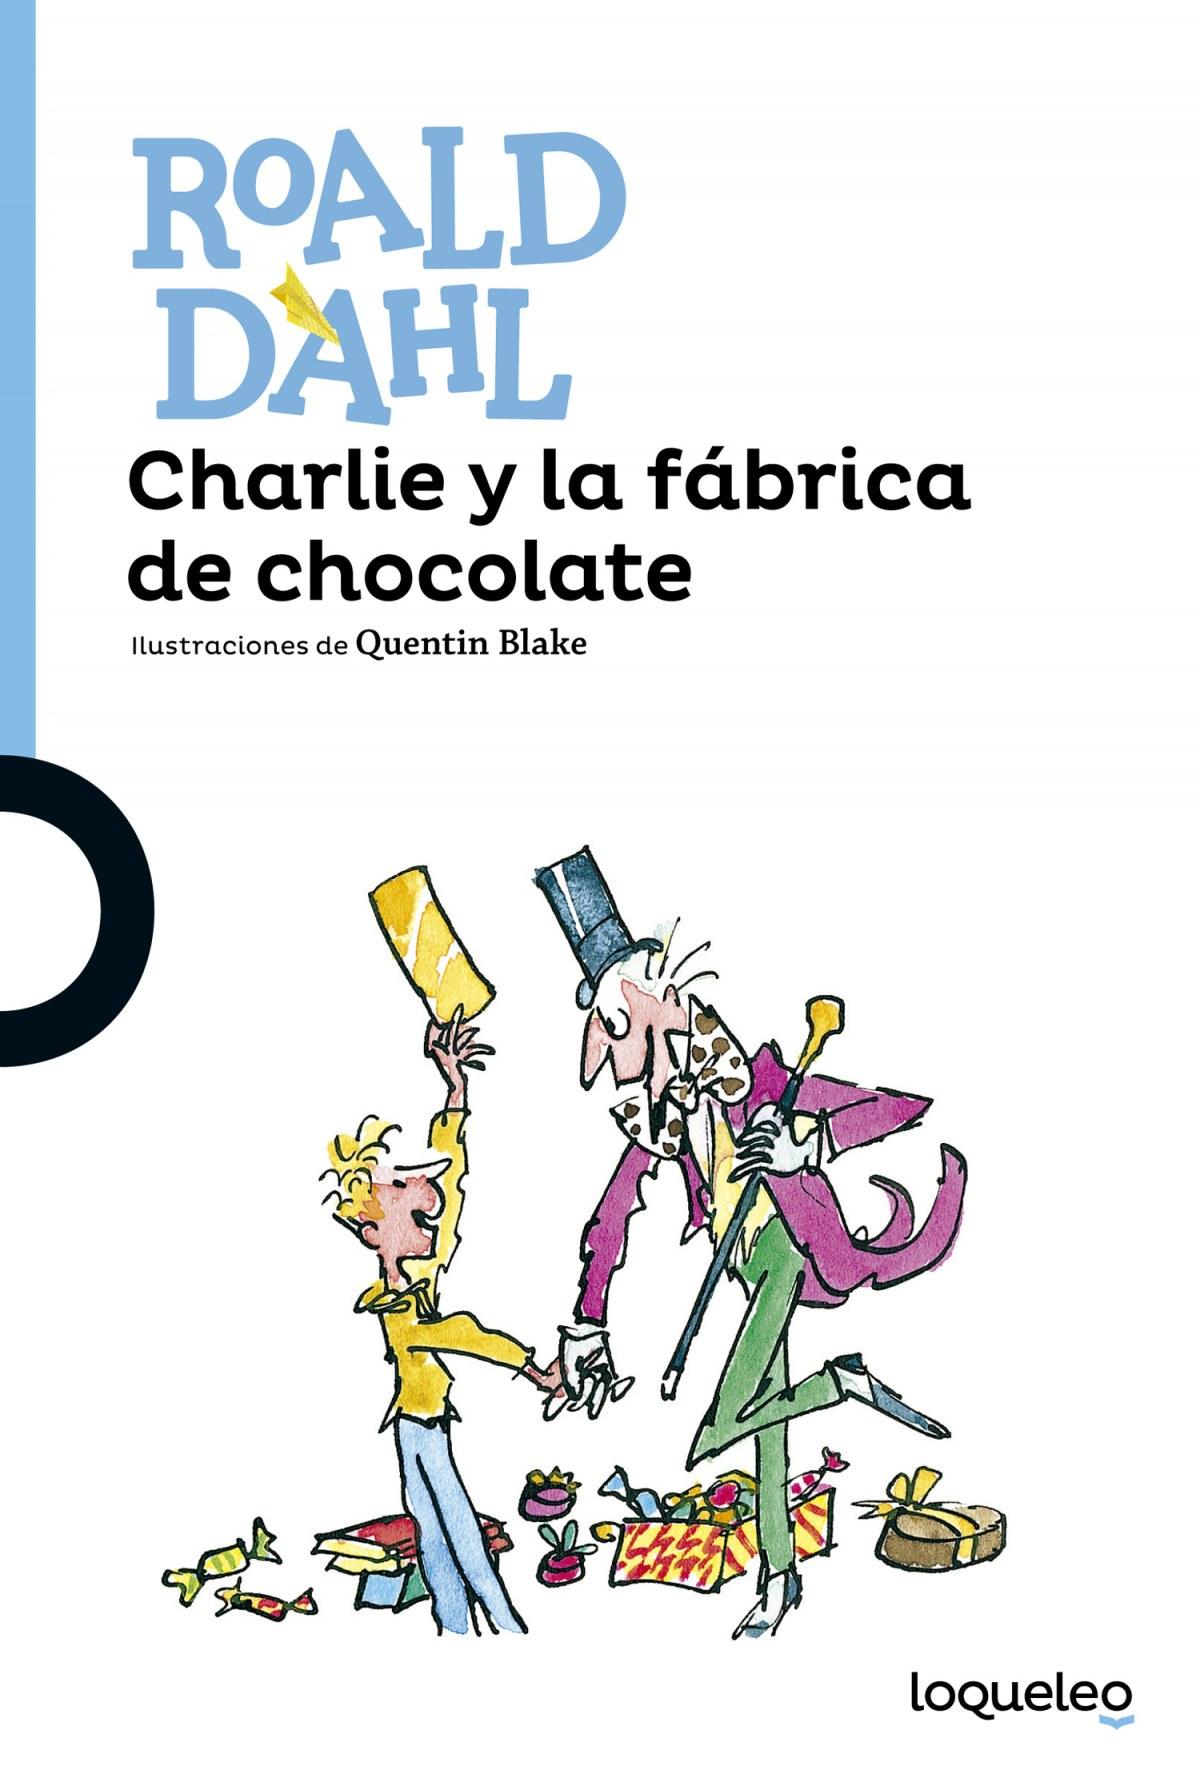 Charlie y la fabrica de chocolate 9788491221166